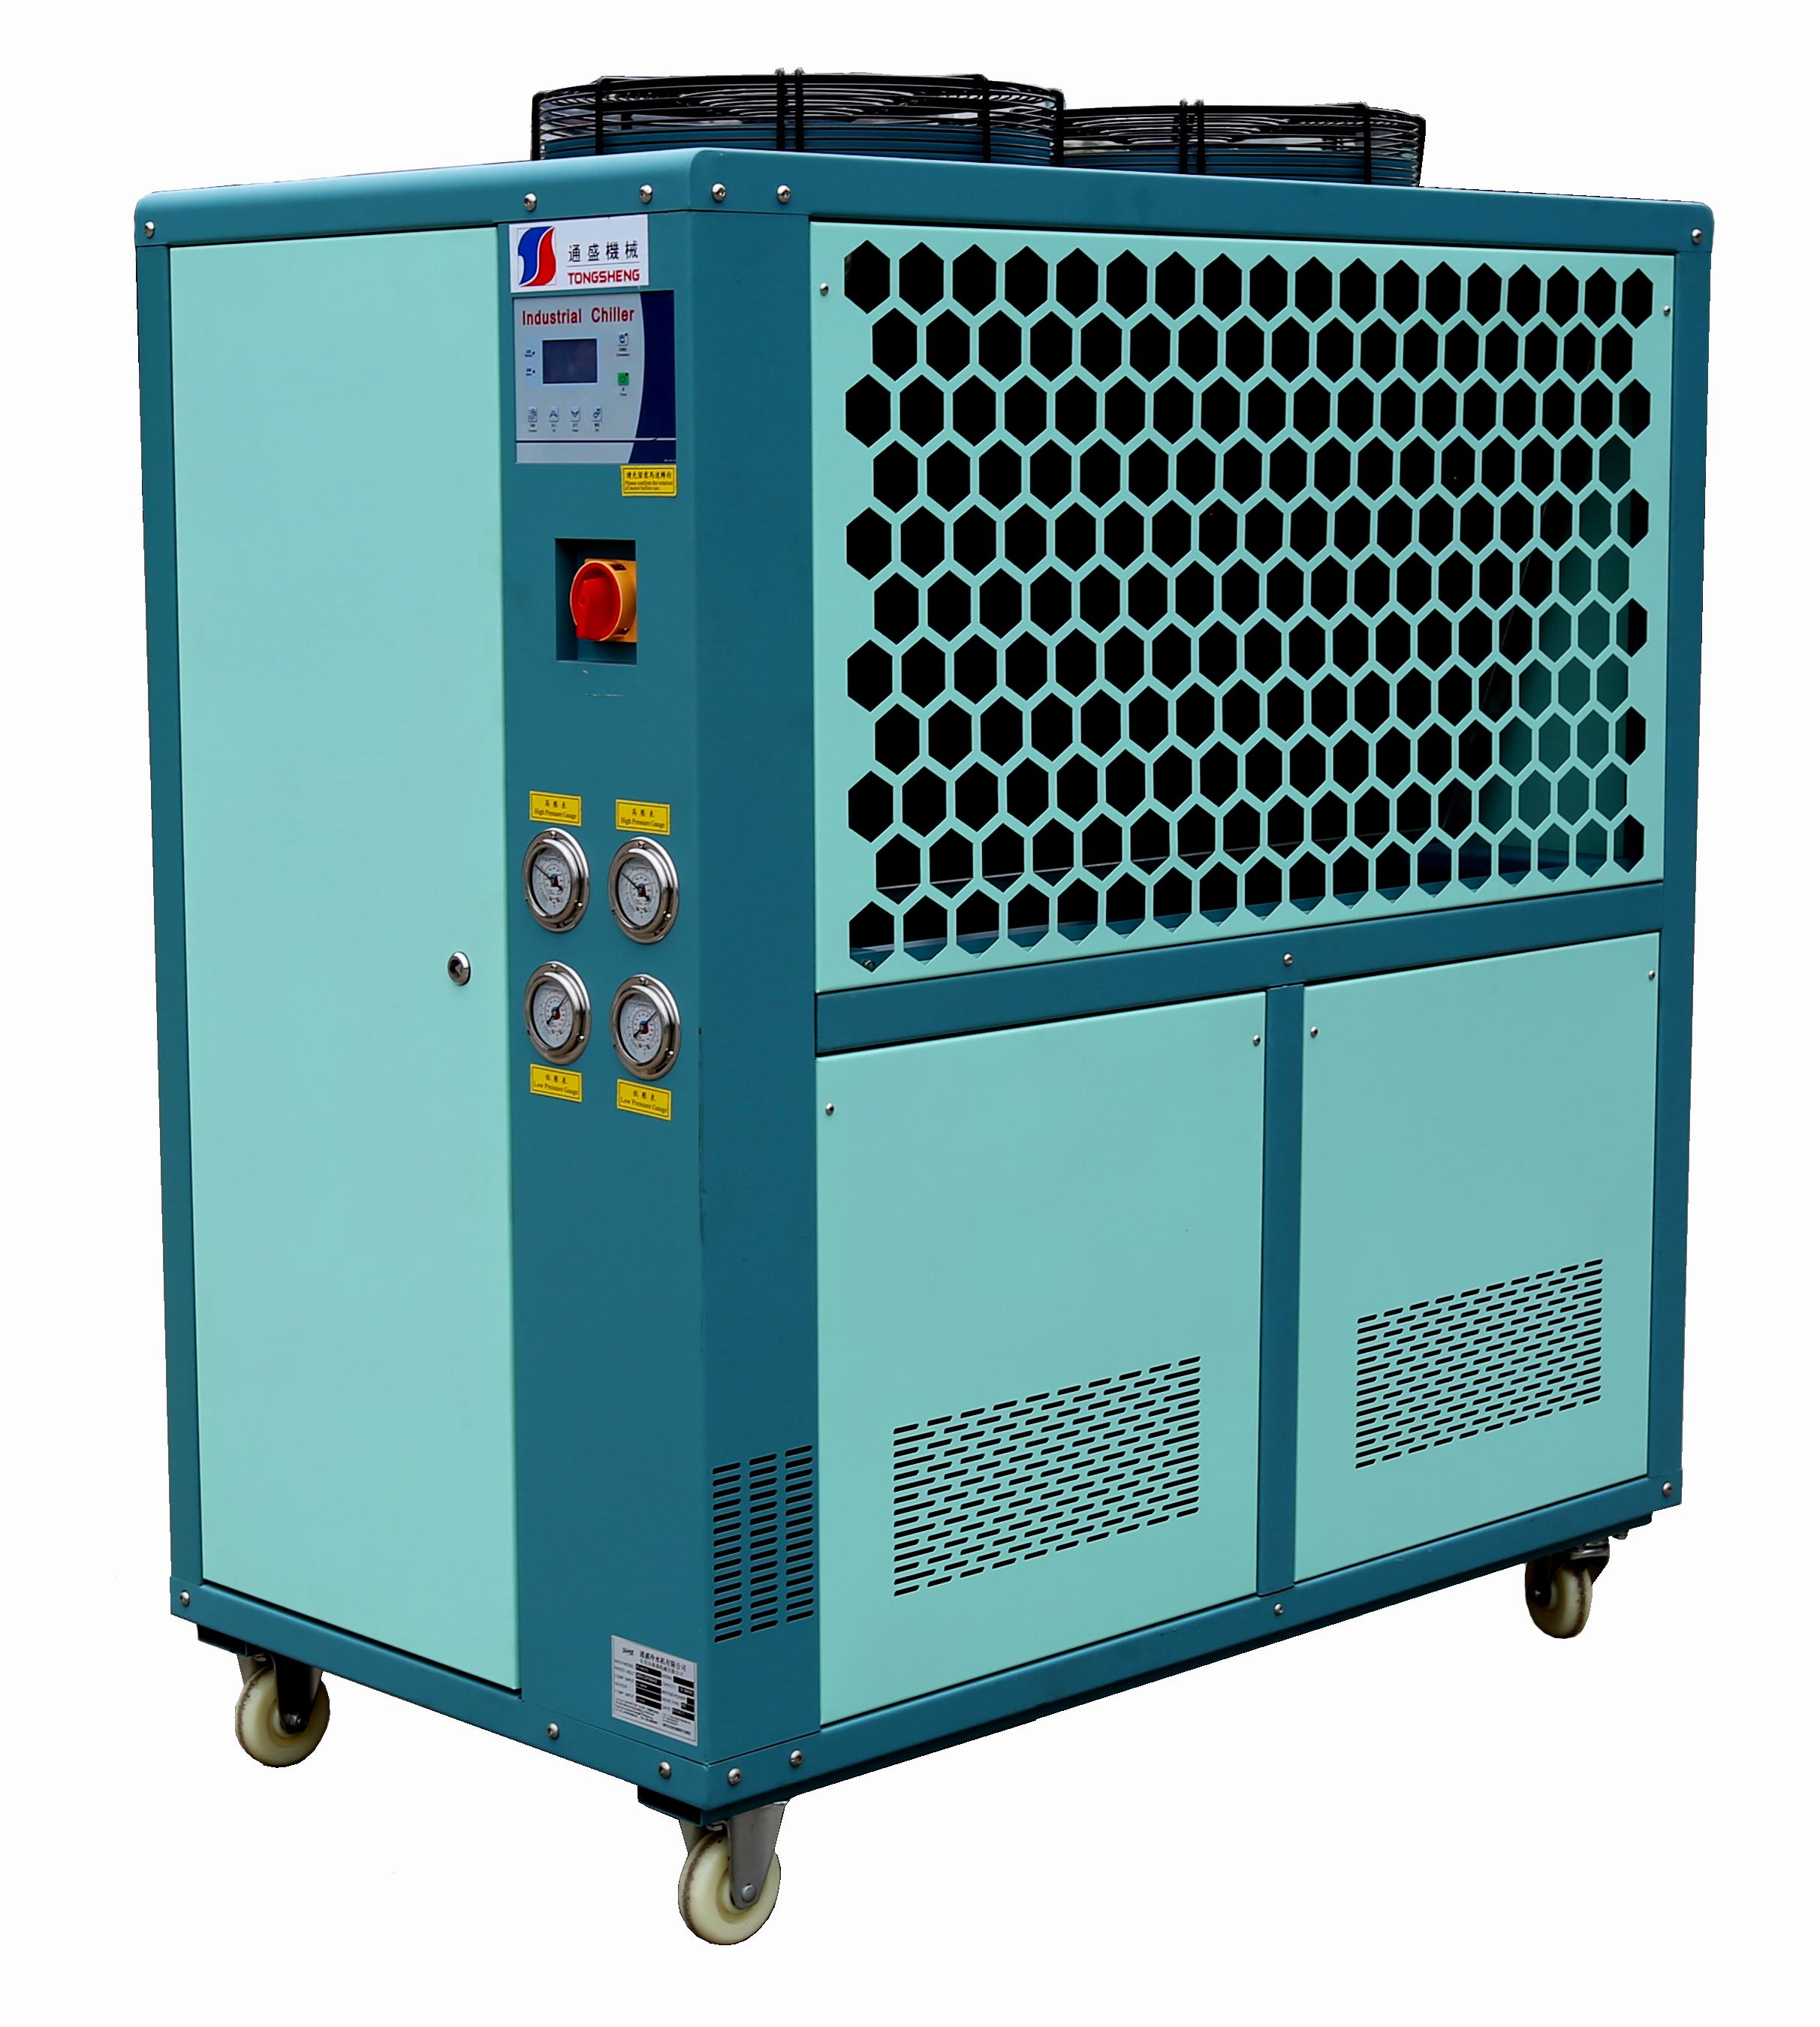 风冷涡漩冷水机特点 1、通盛冷水机采用高品质压缩机 作为冷水机的心脏,通盛冷水机挑选欧美日全新进口优质原装压缩机,内置安全保护,低噪音,省电耐用。 2、通盛冷水机CNC加工中心自制水箱式蒸发器 不锈钢厚质水箱式陈发器,内置自动补水等装置,省去工程安装中的膨胀水箱,方便安装保养,并适用于大温差小流量等特殊场合。 3、通盛冷水机CNC加工中心自制水冷式冷凝器 日本神户最新高效外螺纹铜管制作,散热量大,体积小巧。运用最新CAD/CAM设计加工技术,配合CNC加工中心制作完成,结构紧奏,可靠性高,外形美观,高效节